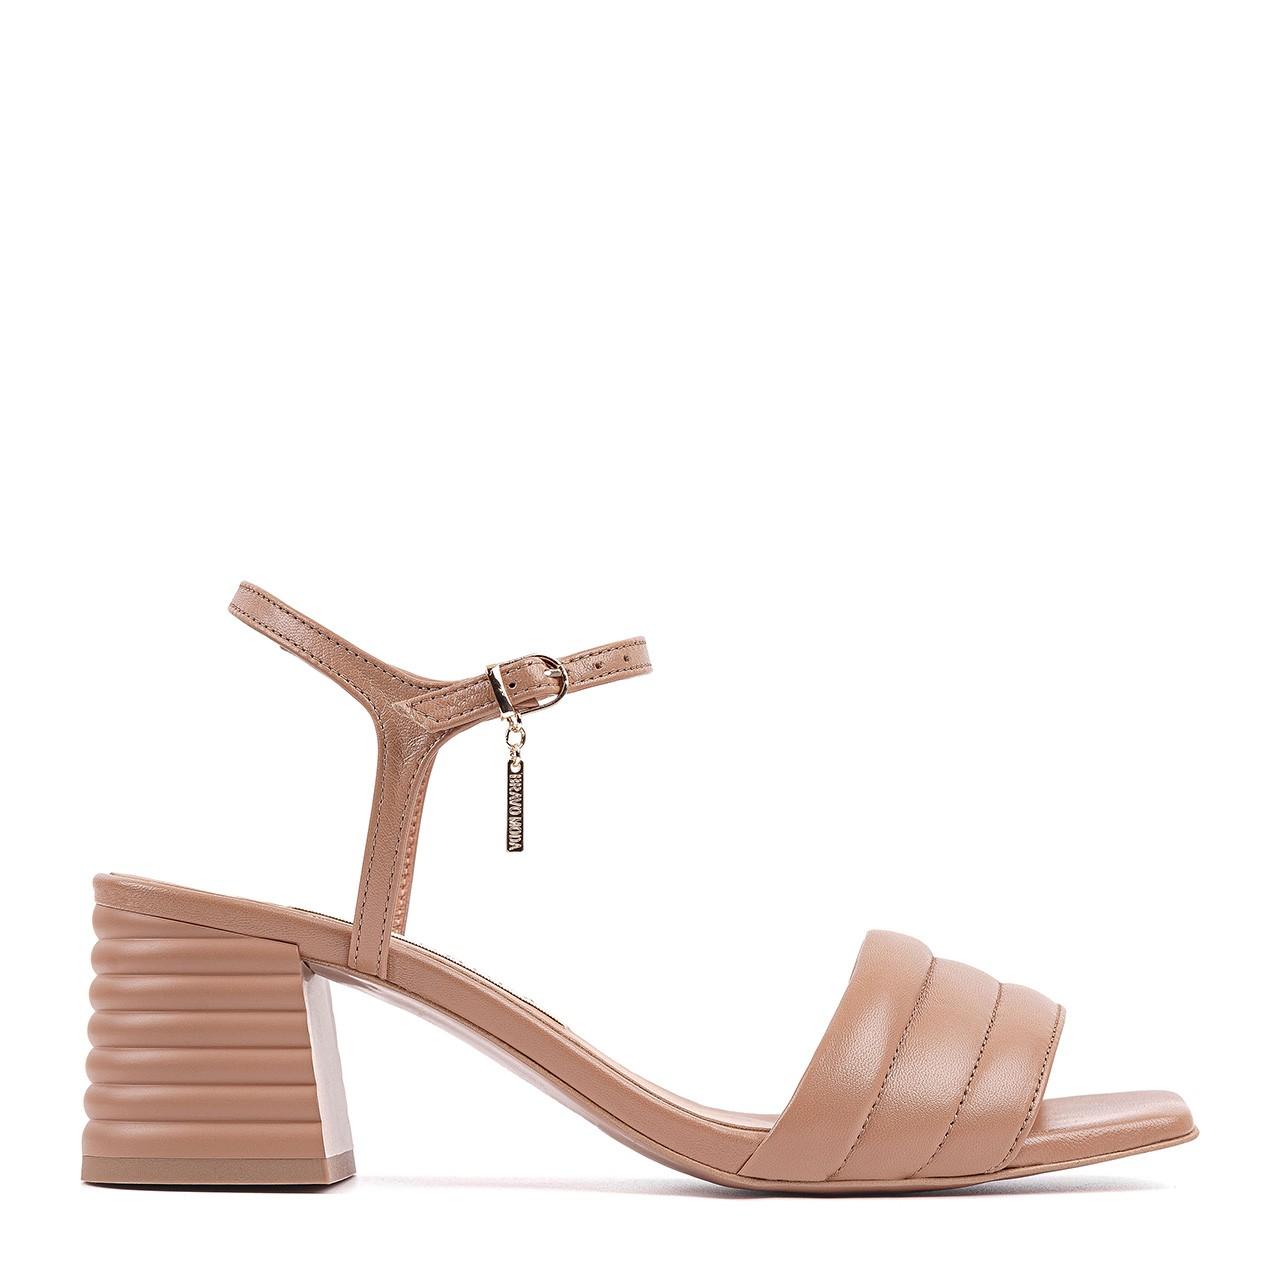 Skórzane sandały w kolorze toffi na stabilnym słupku